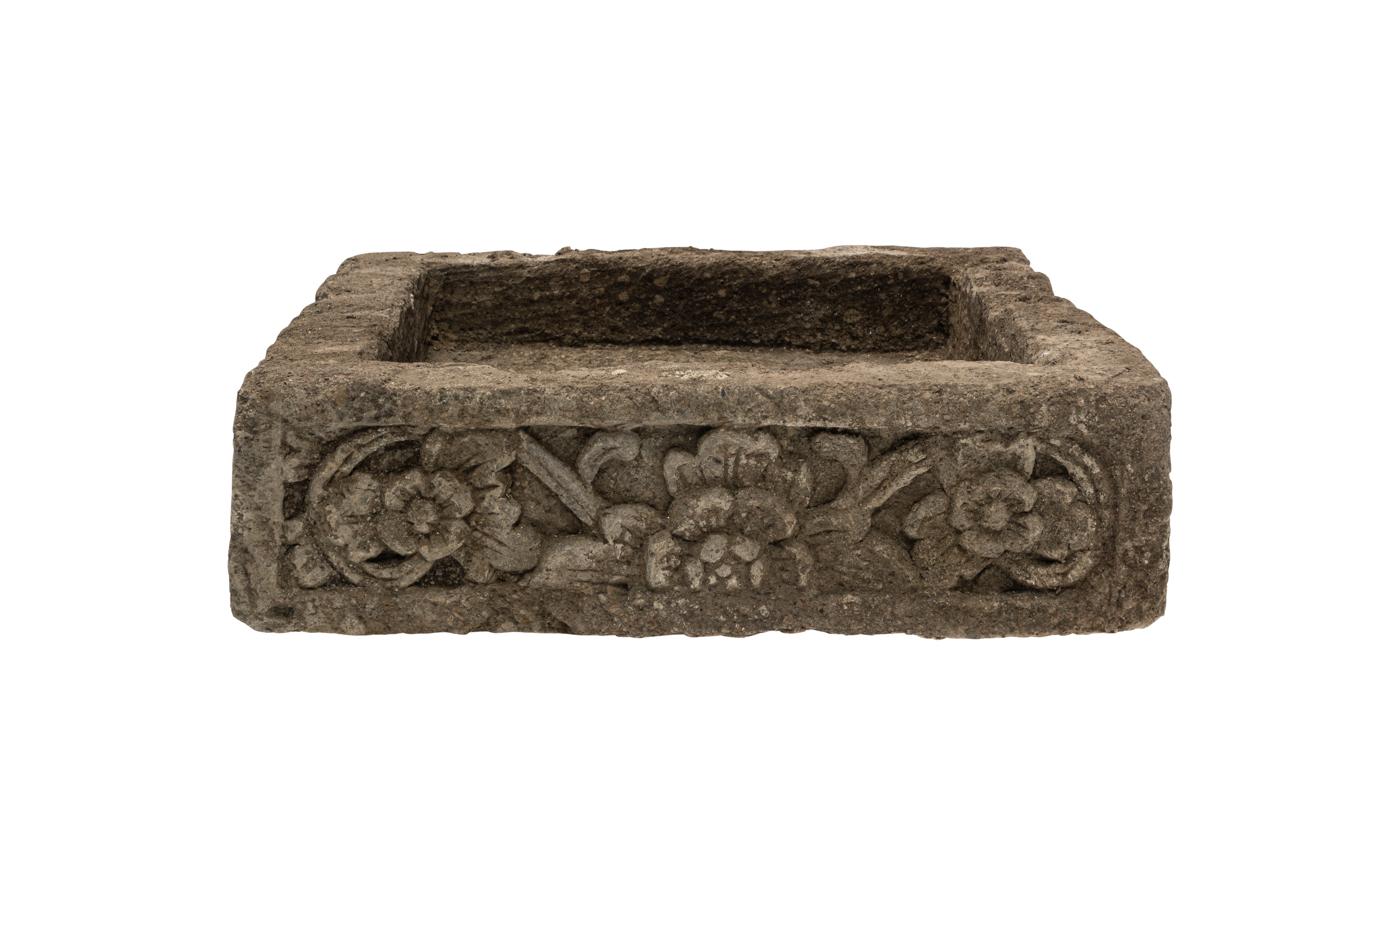 Jardinera cuadrada en piedra natural tallada